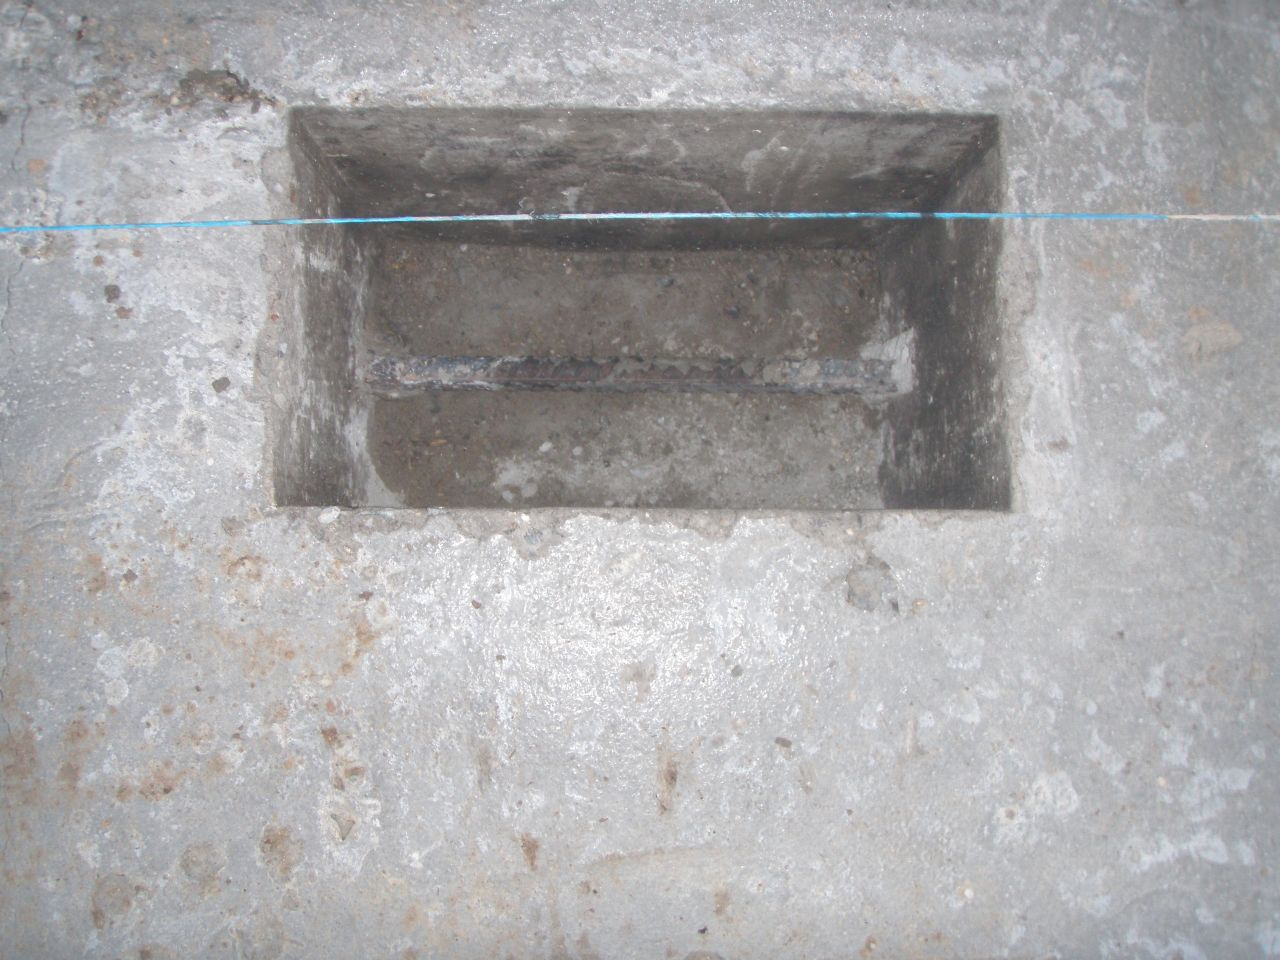 les plots pour supporter la charpente métalique